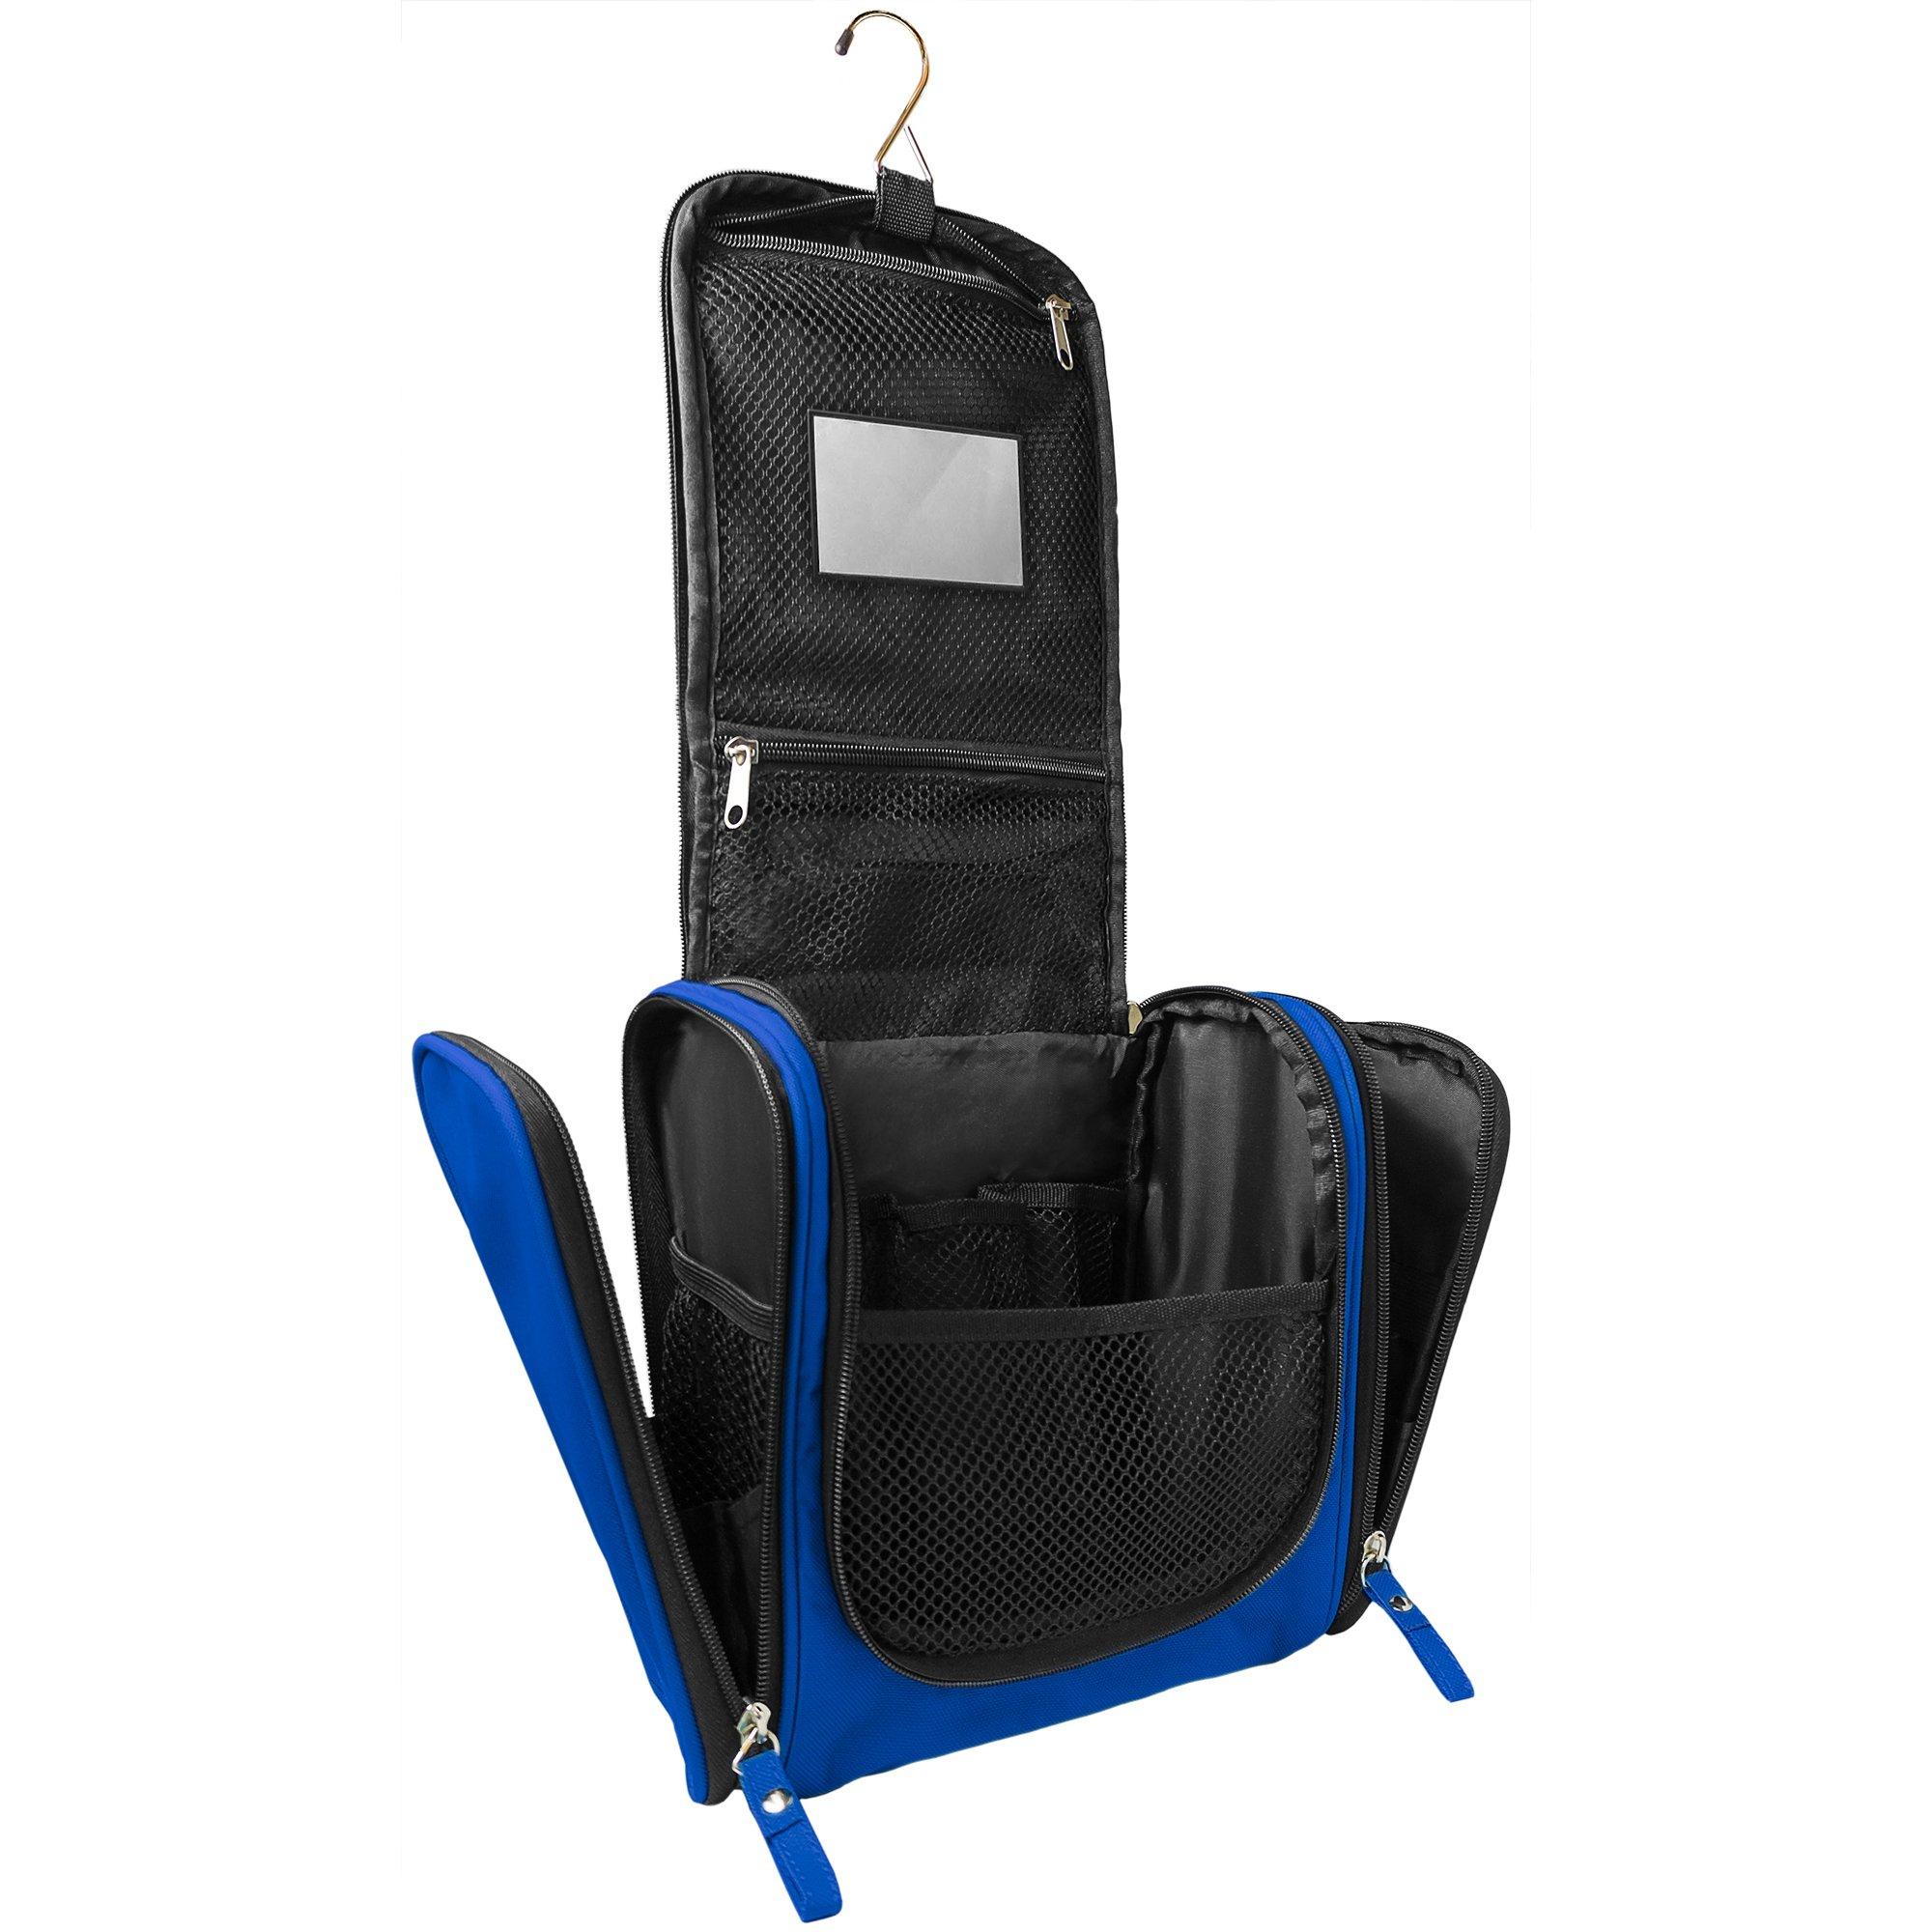 Trousse de toilette spacieuse avec crochet de fixation & miroir détachable | Grand kit de voyage pour hommes & femmes | Sac de toilette XXL résistant à l\'eau avec lanière de fixation (Bleu)